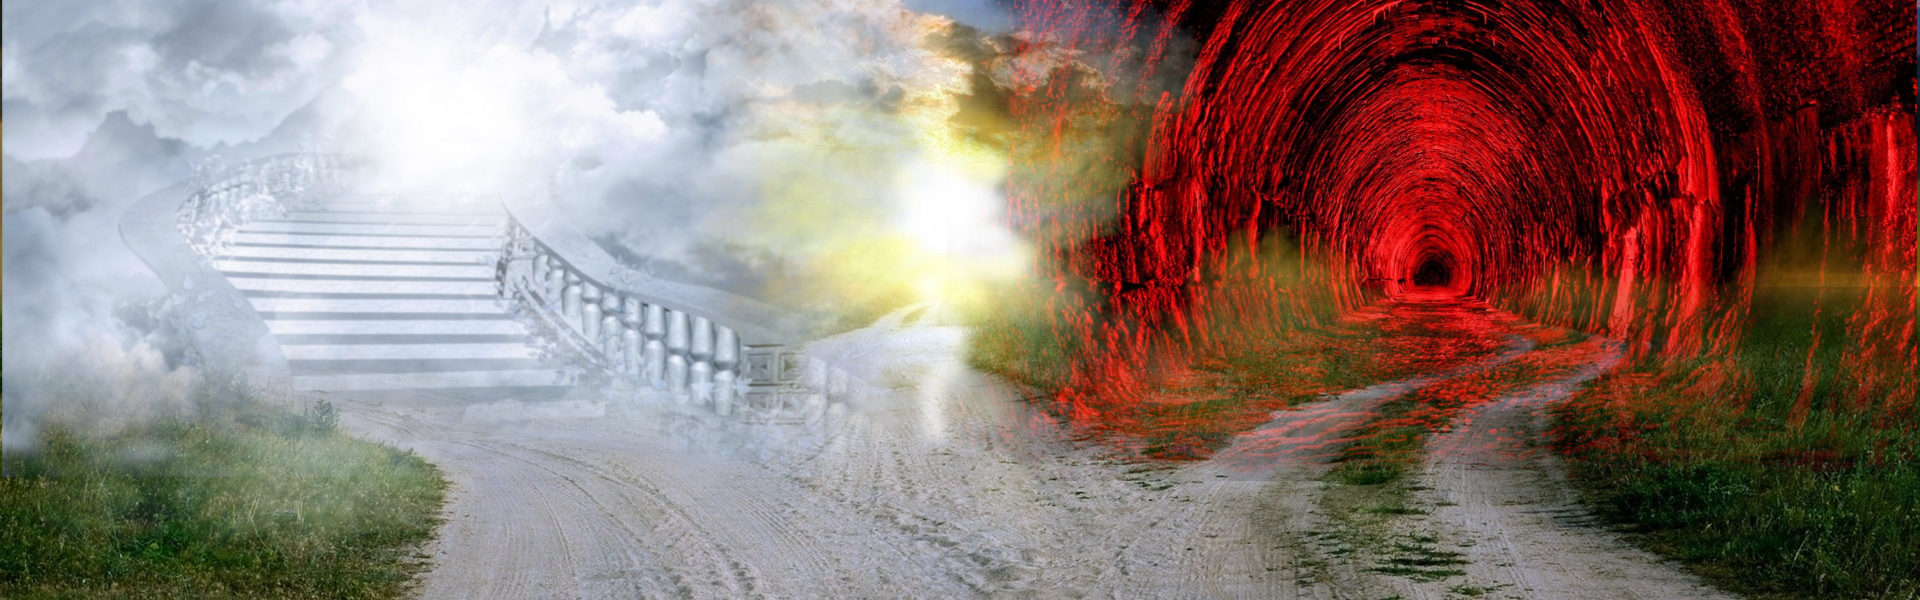 Audiolibri su Inferno e Paradiso